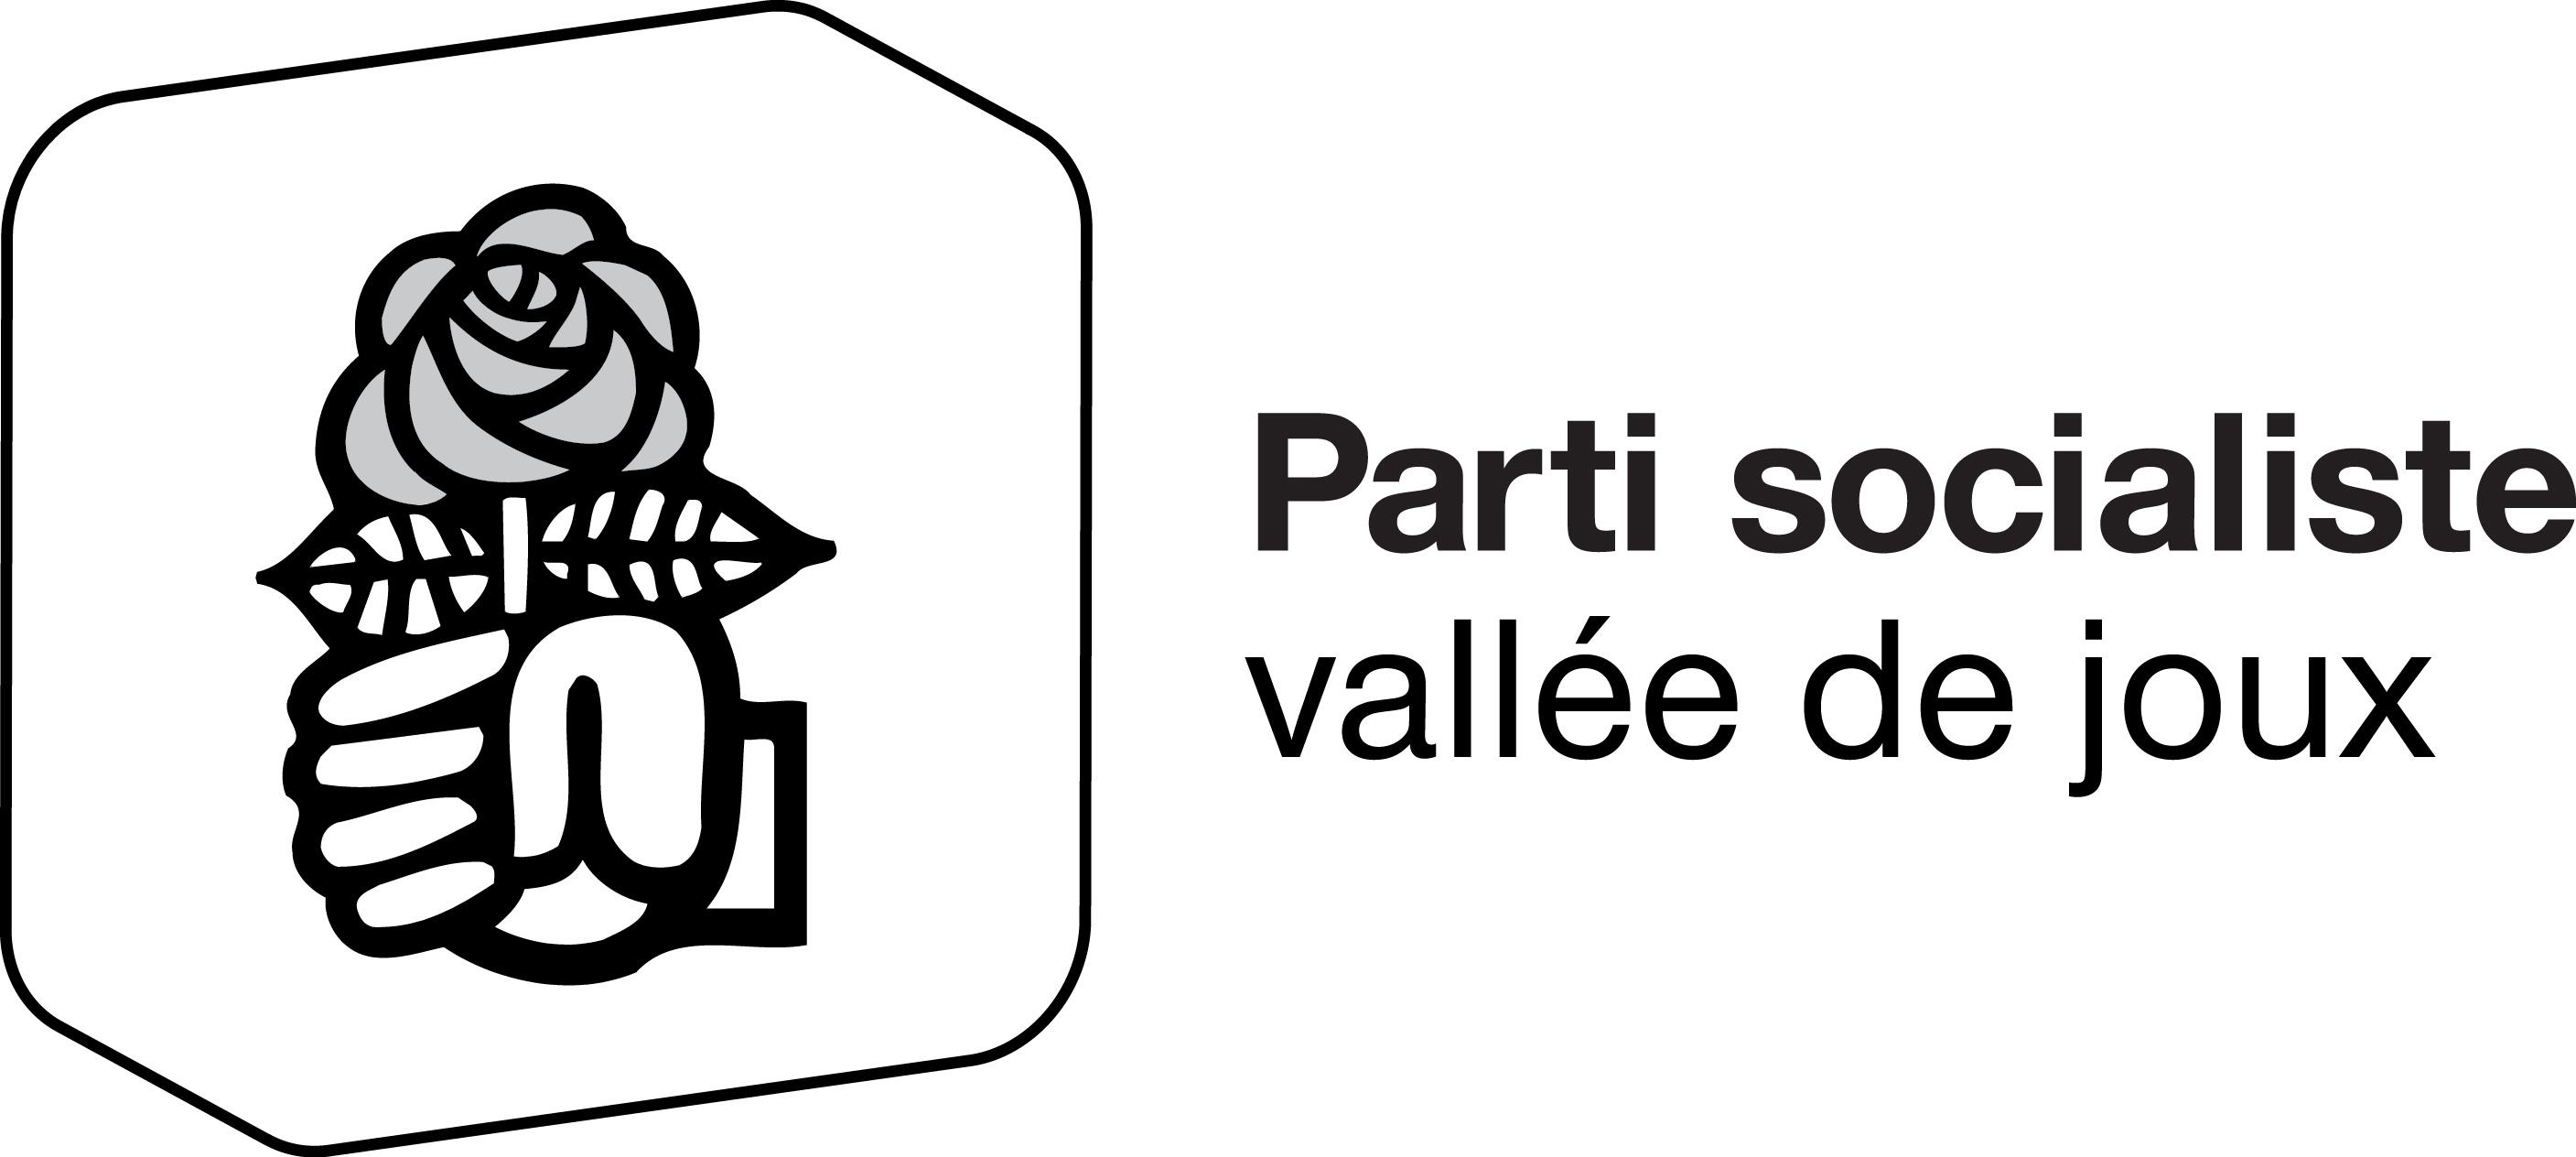 PS_vallée de joux_gris